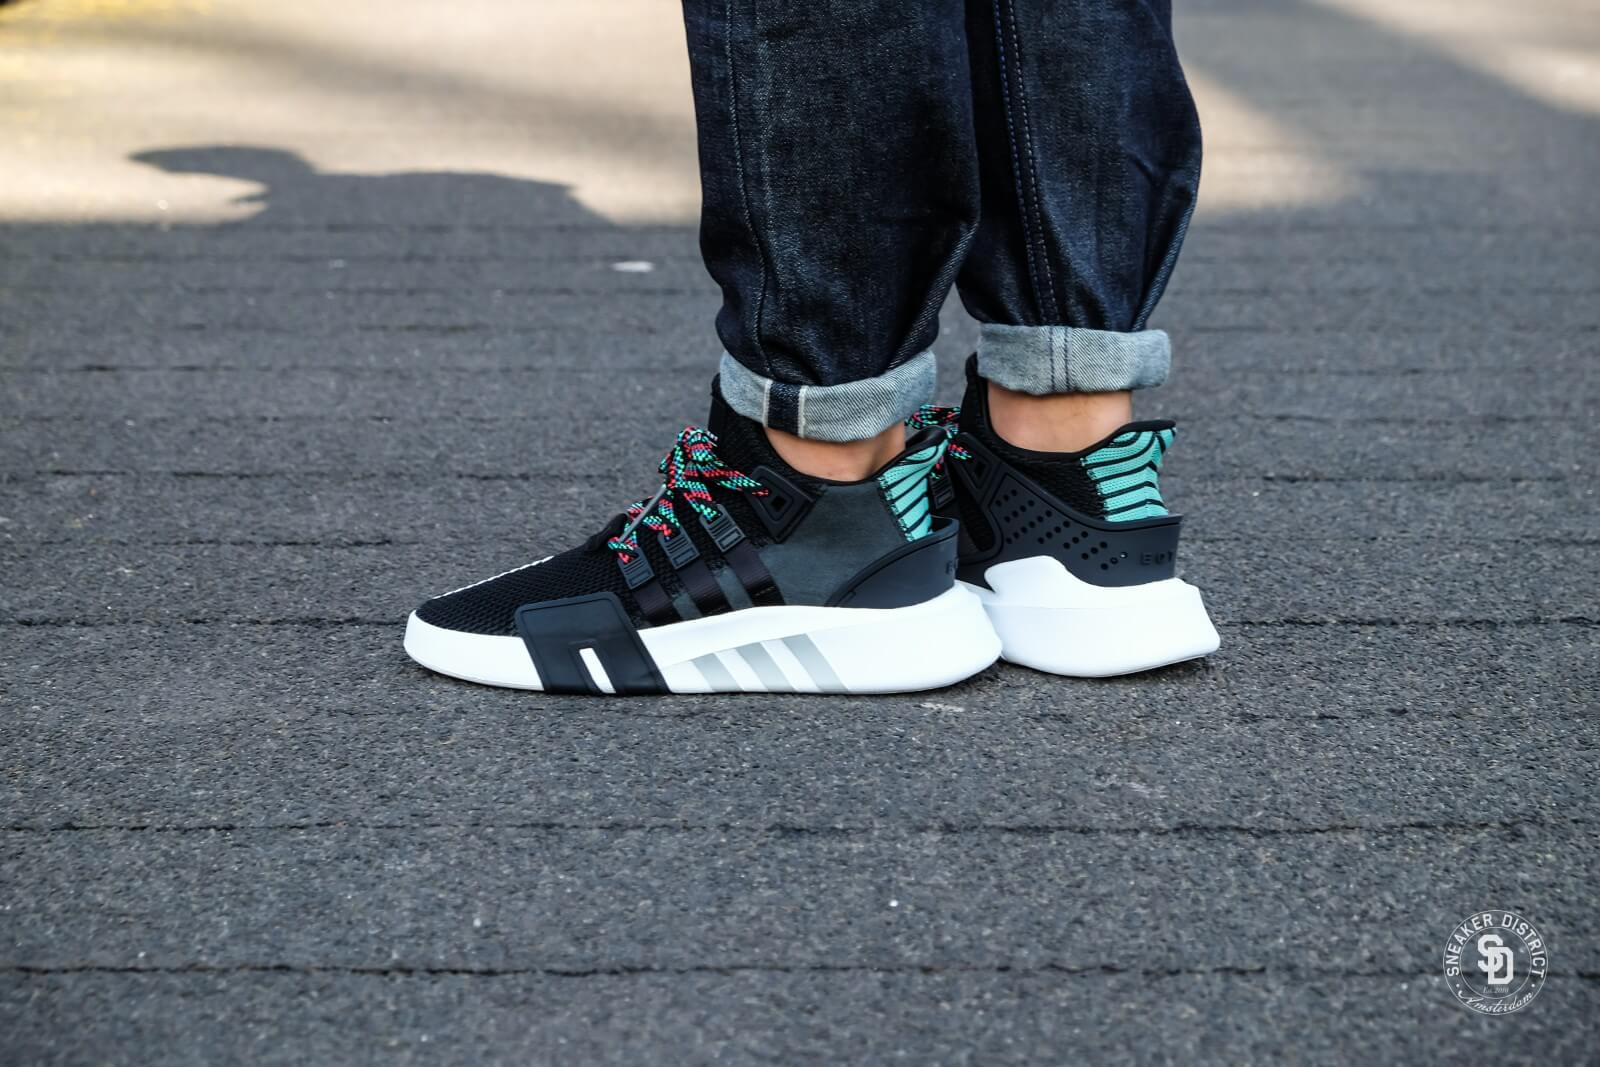 Adidas EQT Bask ADV Core Black/Sub